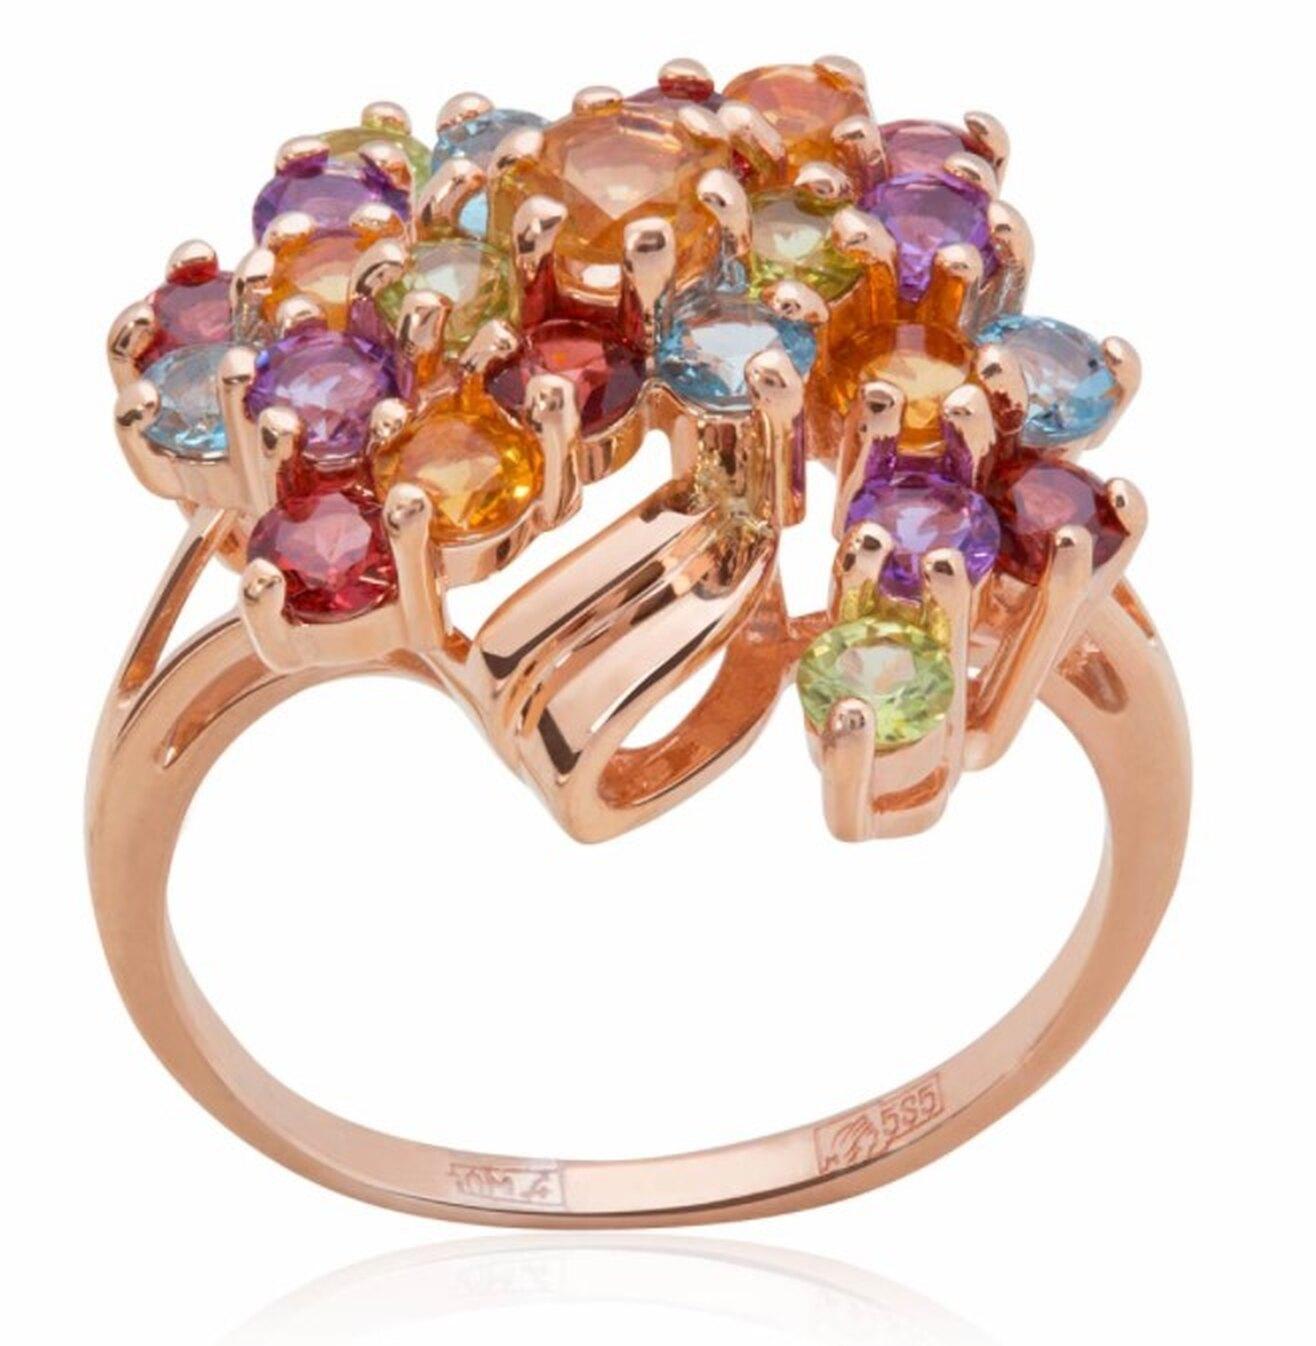 Кольцо из красного золота 585 пробы с полудрагоценными камнями, Adamas, 35 098 руб